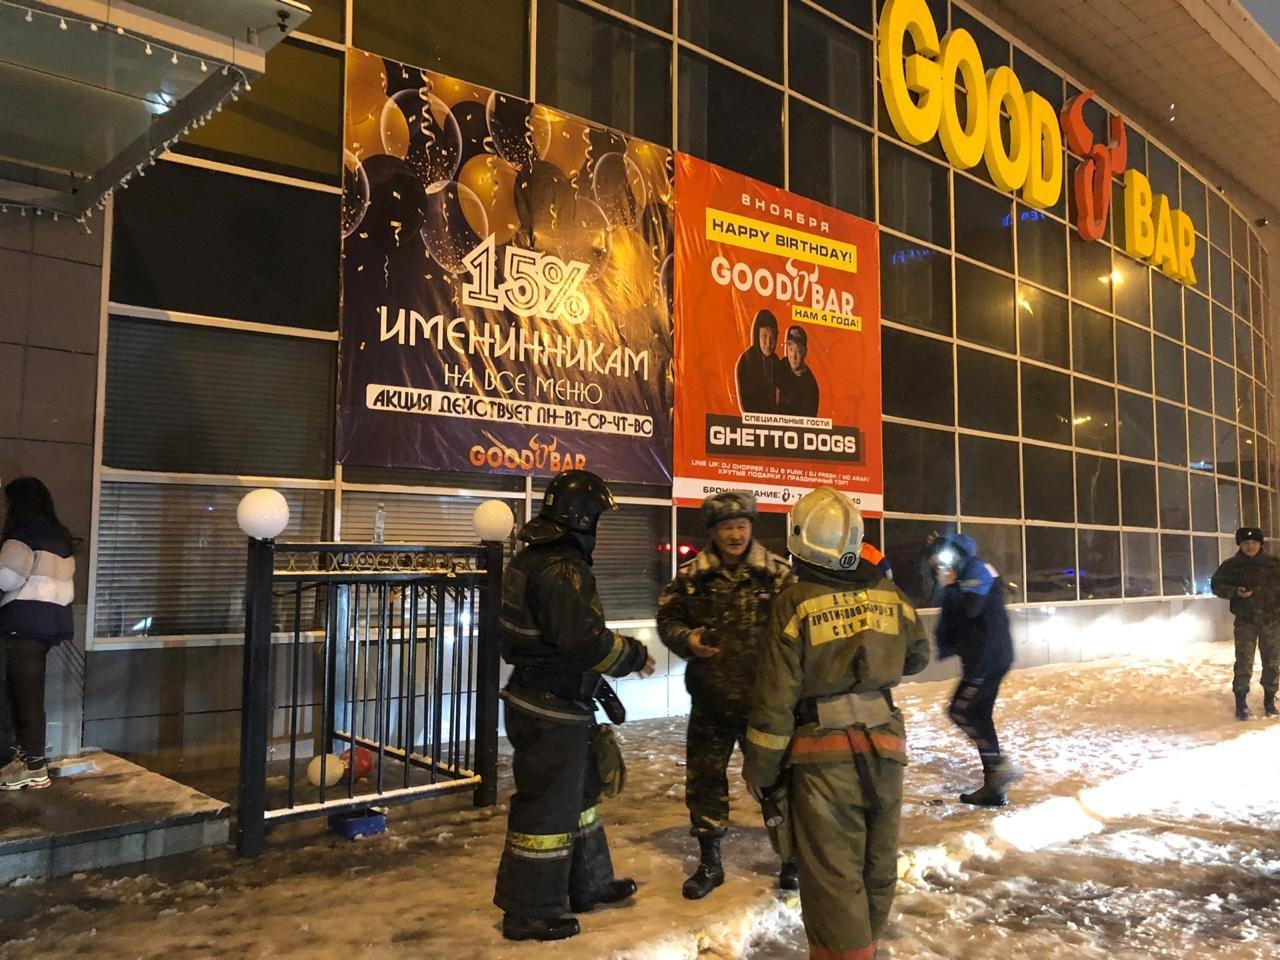 Пожарные спасли 8 человек при возгорании ночного клуба в Нур-Султане, фото-3, Фото пресс-службы КЧС МВД РК